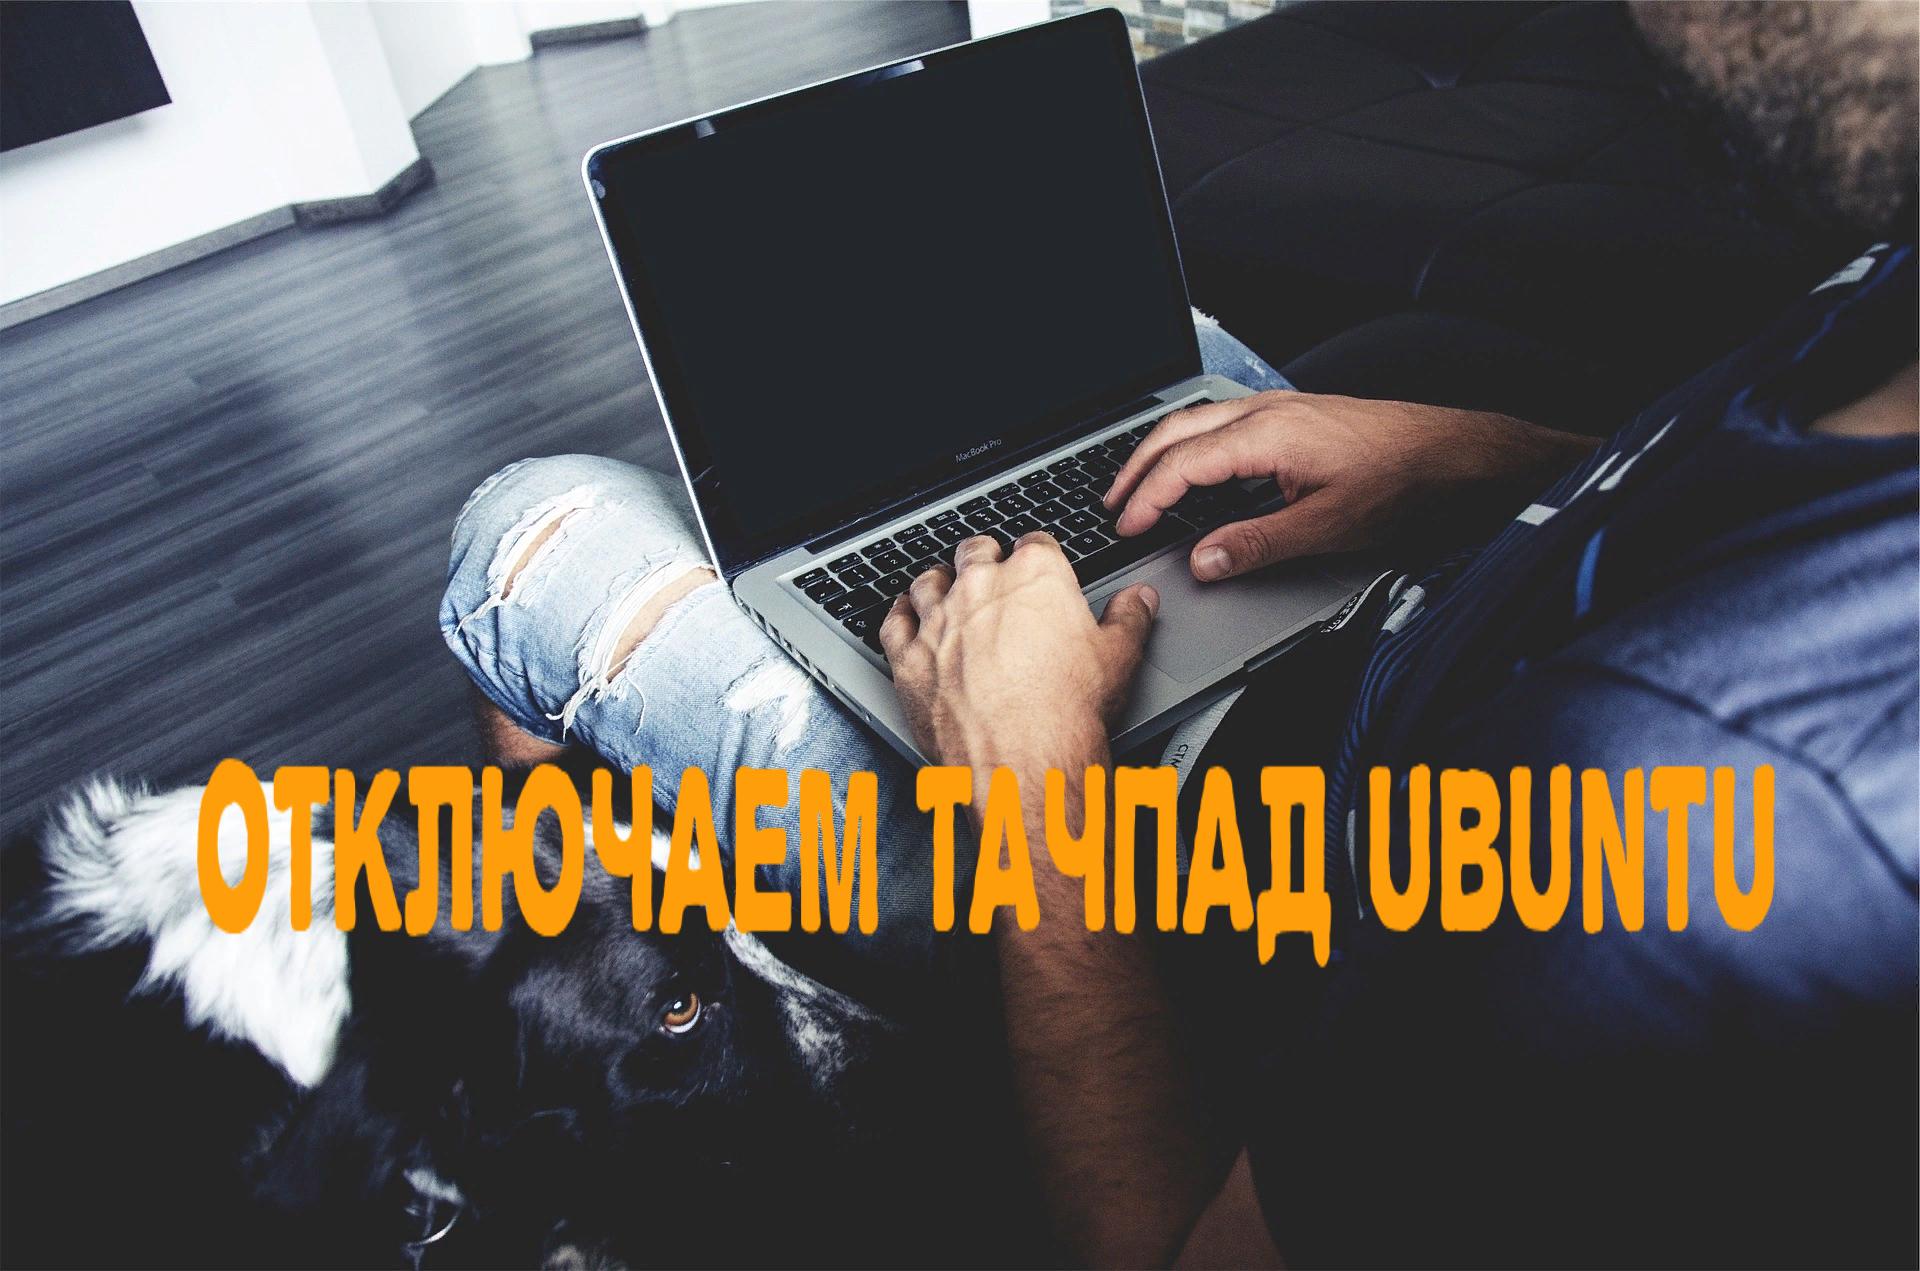 🔋 Как автоматически отключить тачпад при наборе текста в Ubuntu